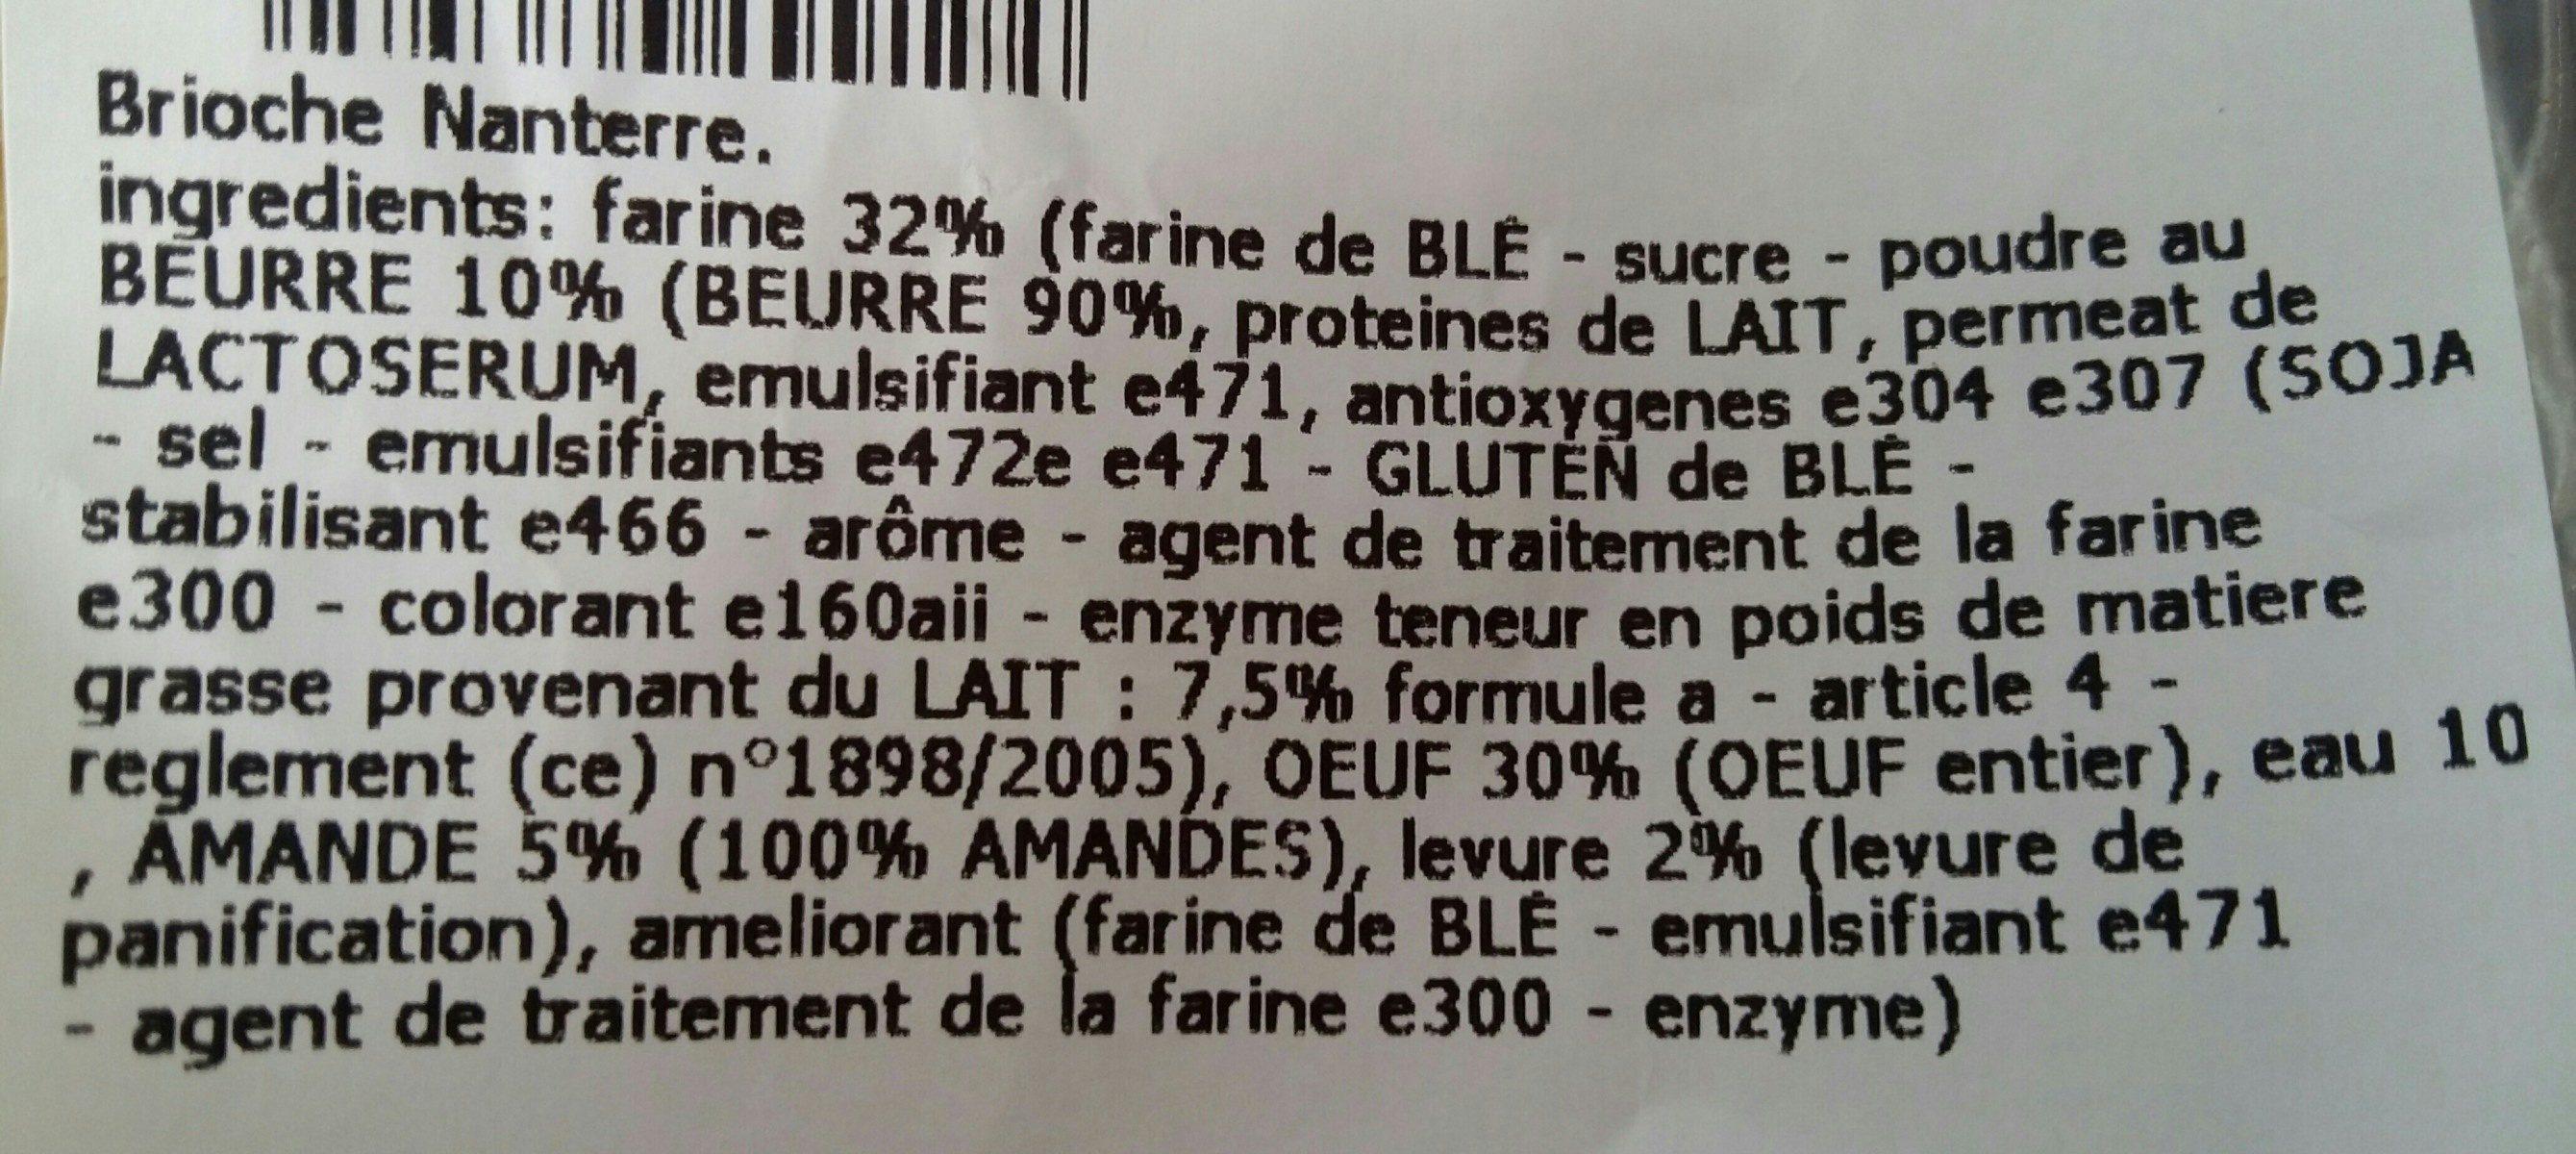 Brioche Nanterre - Ingrediënten - fr